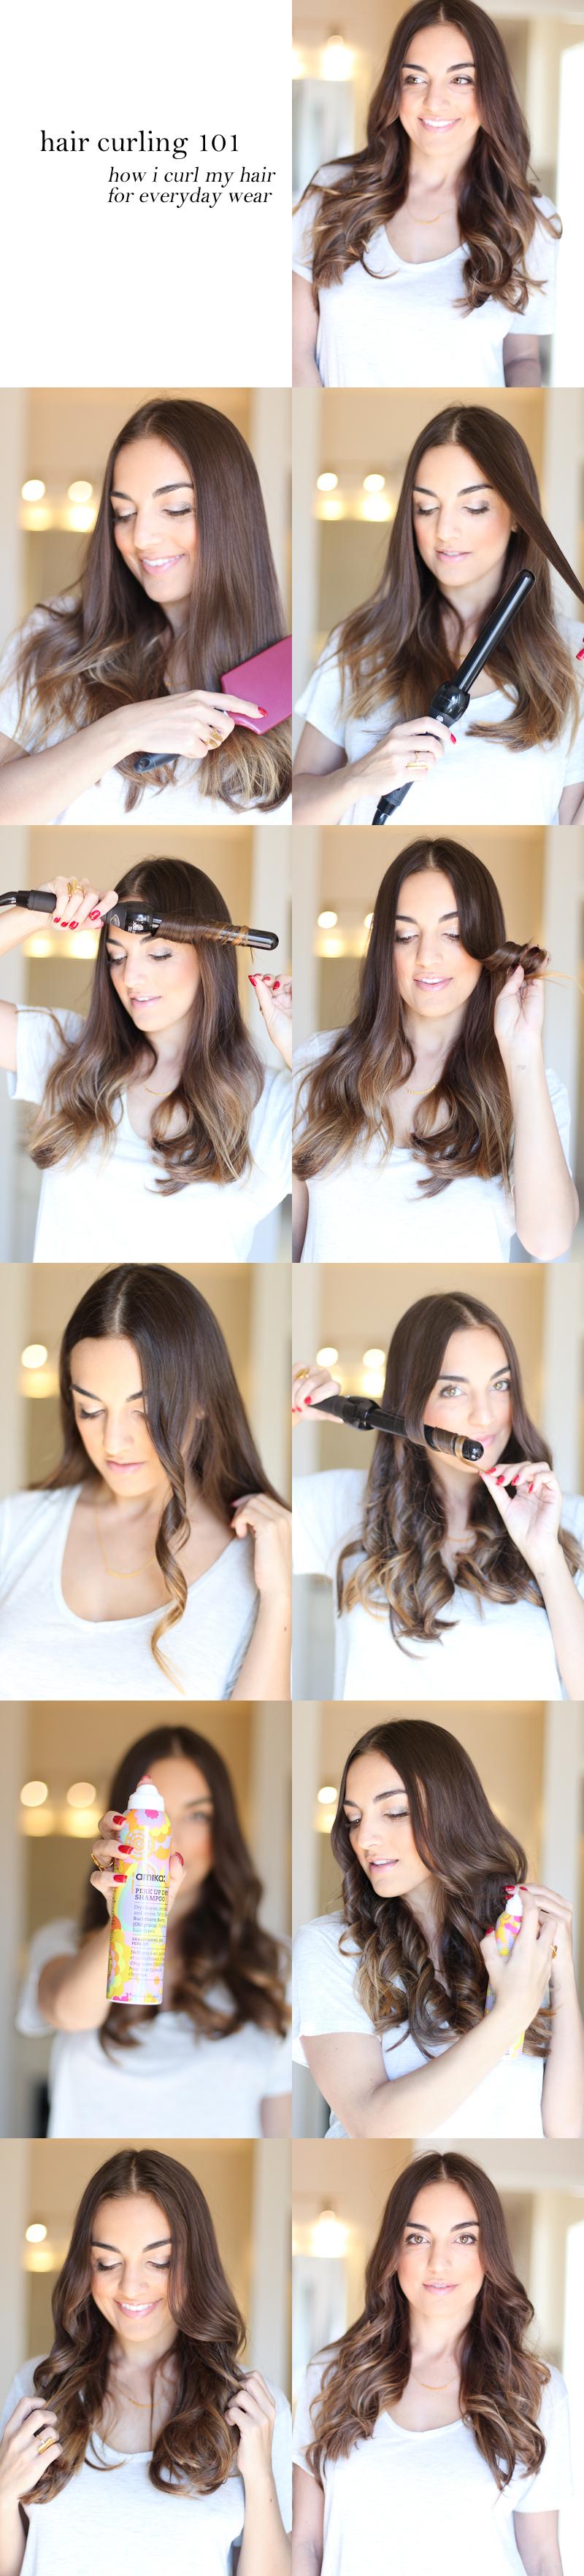 hair-curling-tutorial